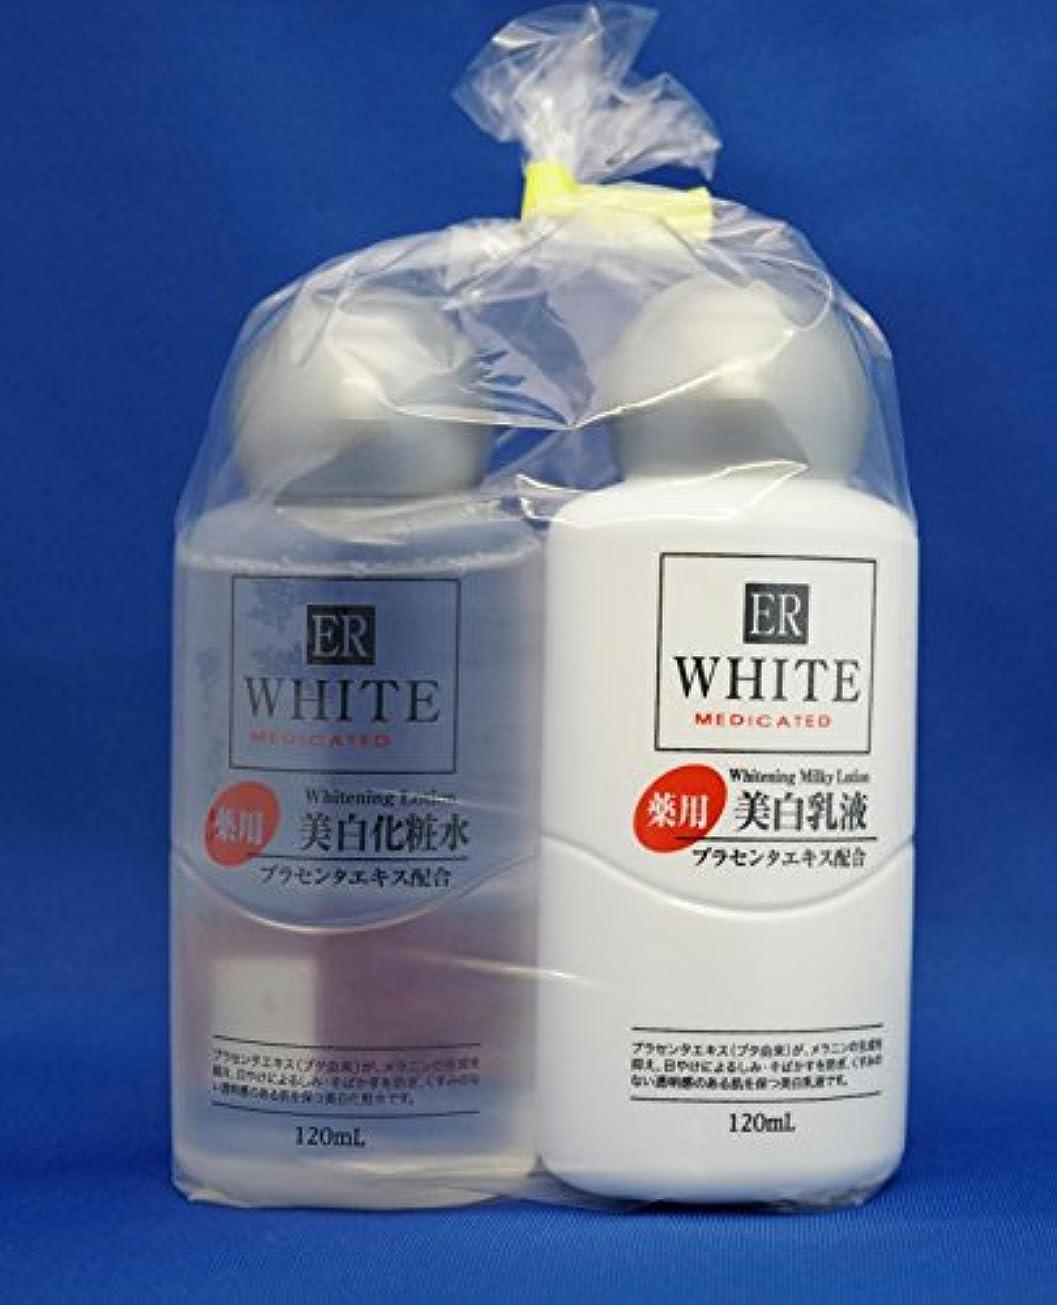 カテナ安西溶融2個セット ダイソー ER コスモ ホワイトニング ミルクV(薬用美白乳液) と ER ホワイトニングローションV(薬用美白化粧水)